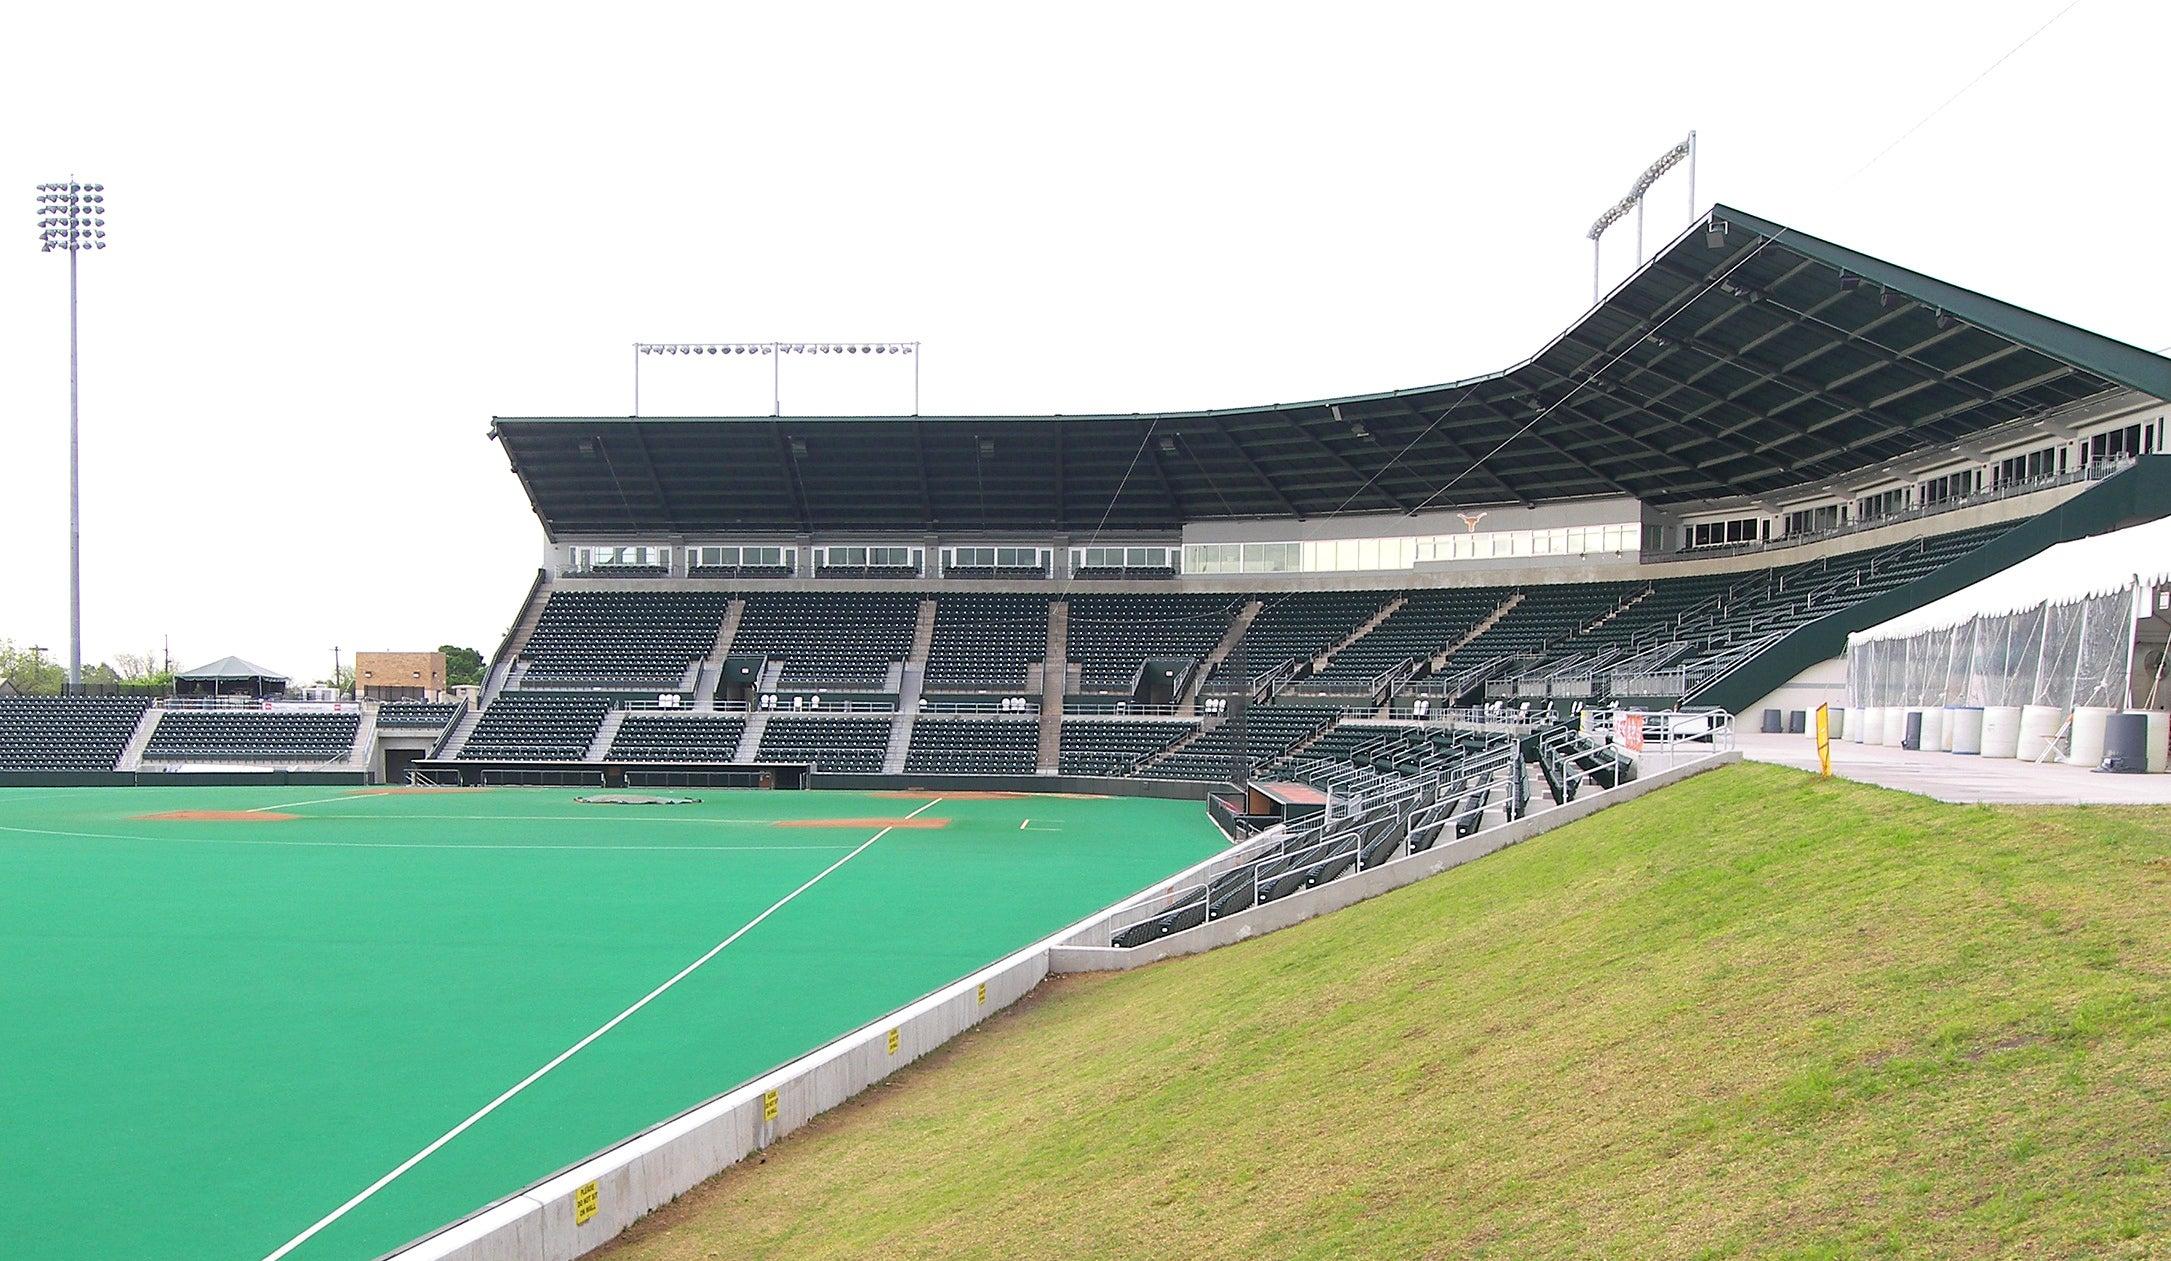 UFCU Disch-Falk Field